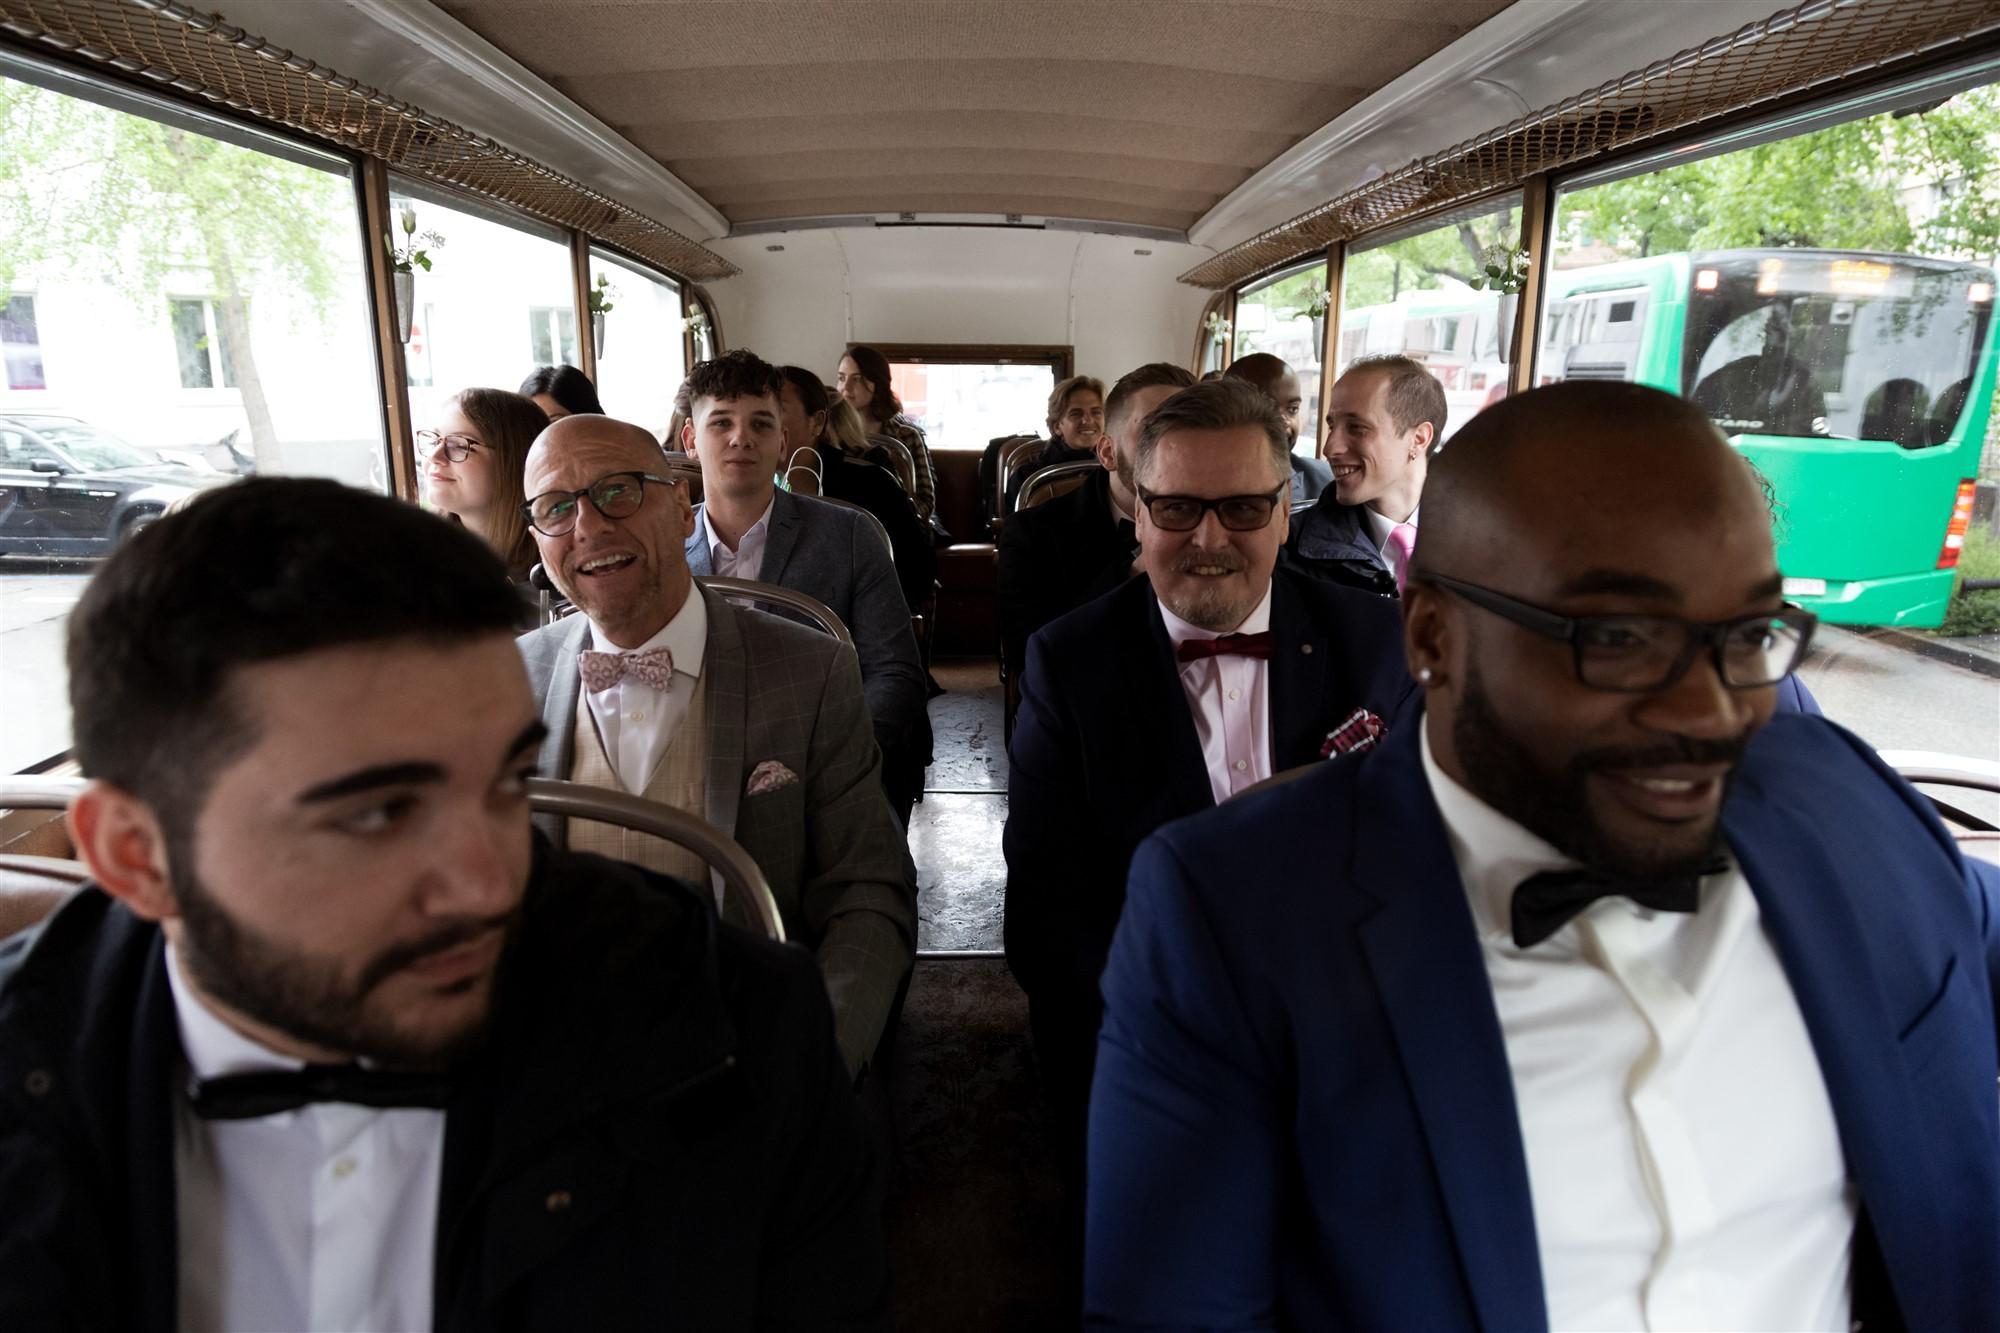 Die Fahrt mit dem Hochzeitsbus